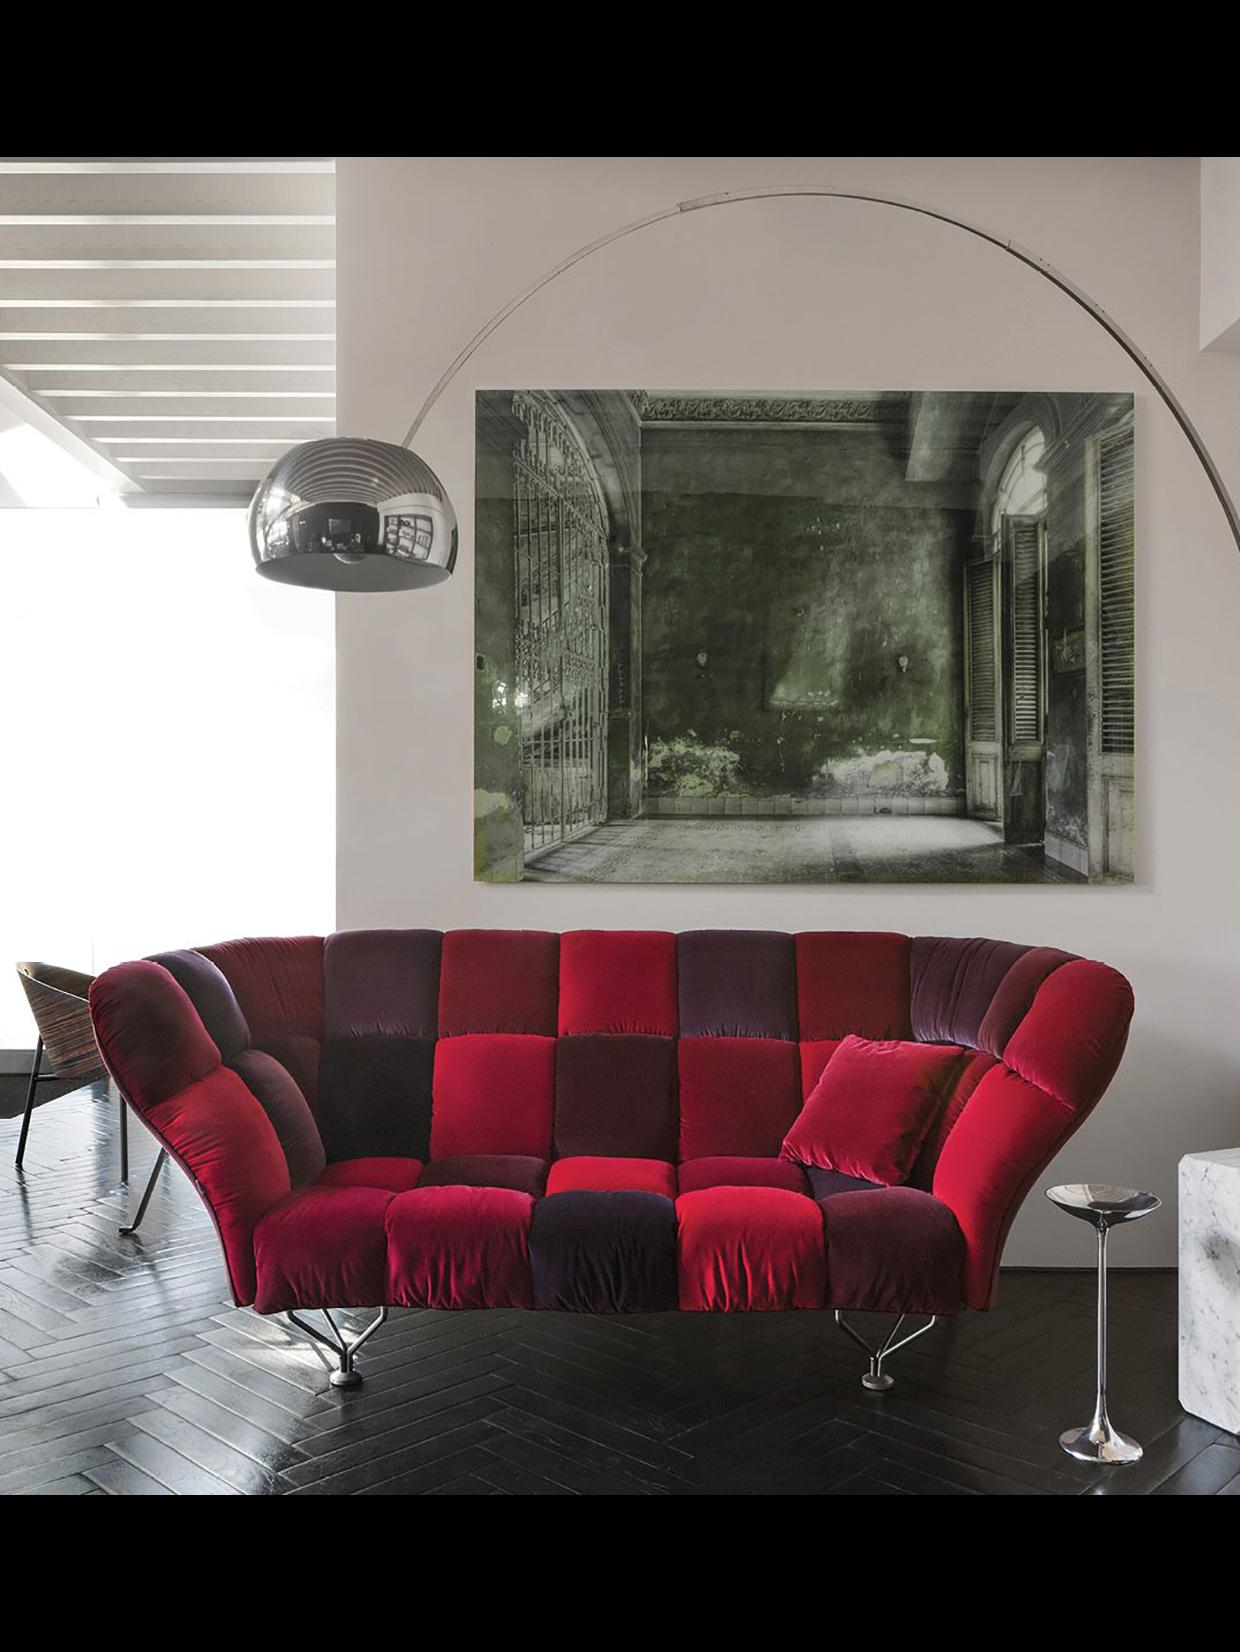 イタリア最高峰の家具「driade」取り扱い開始